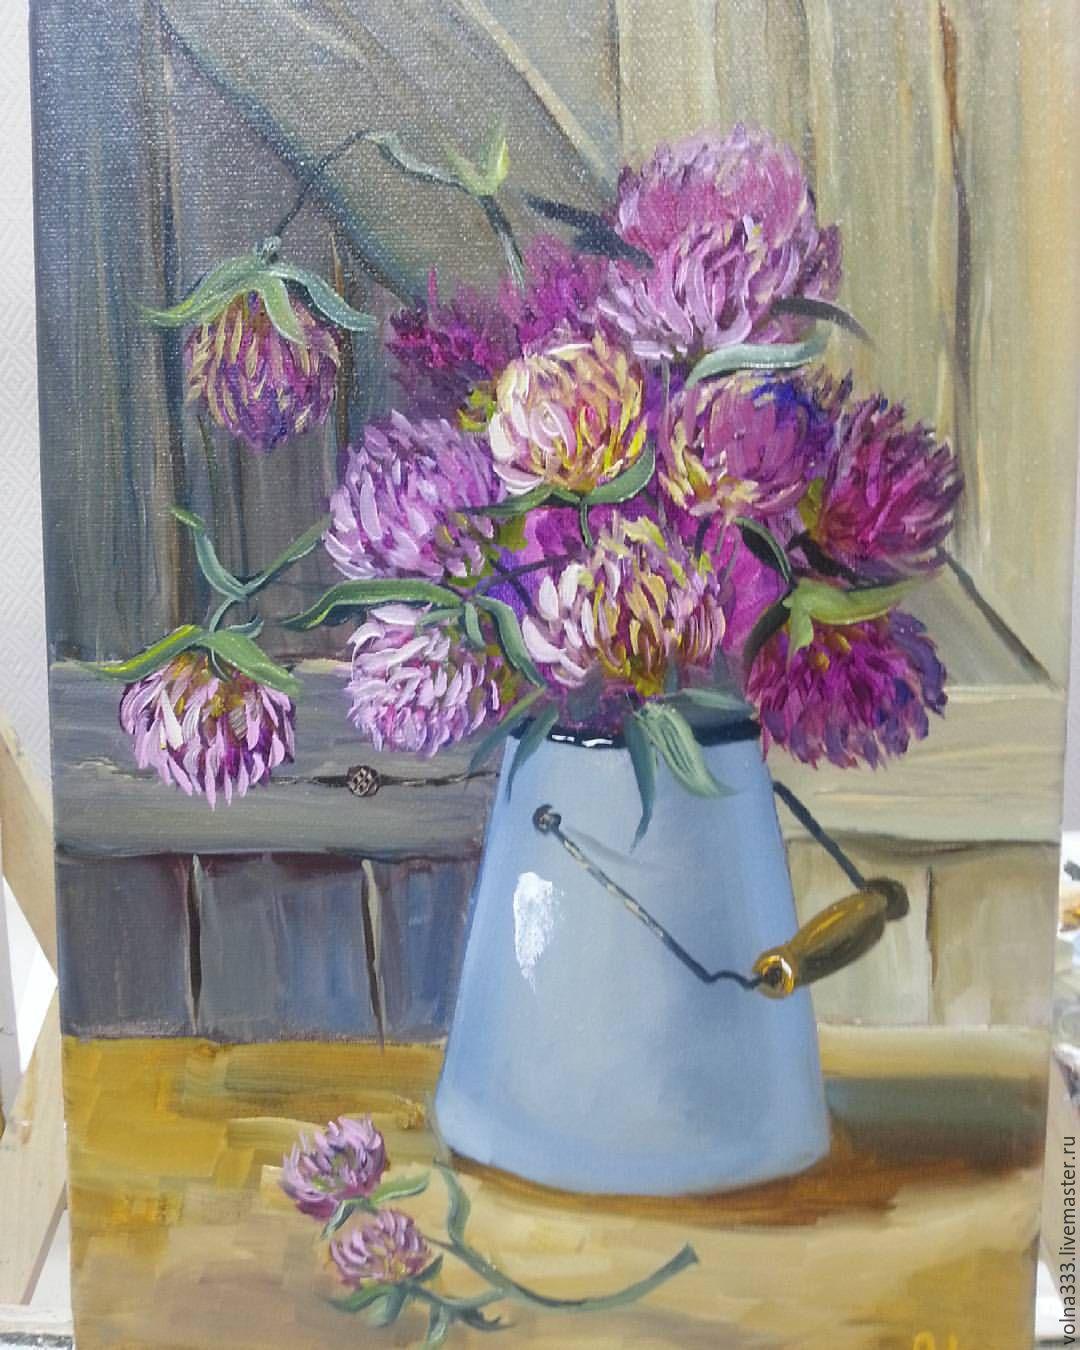 Доставка цветов, клевер спб букеты